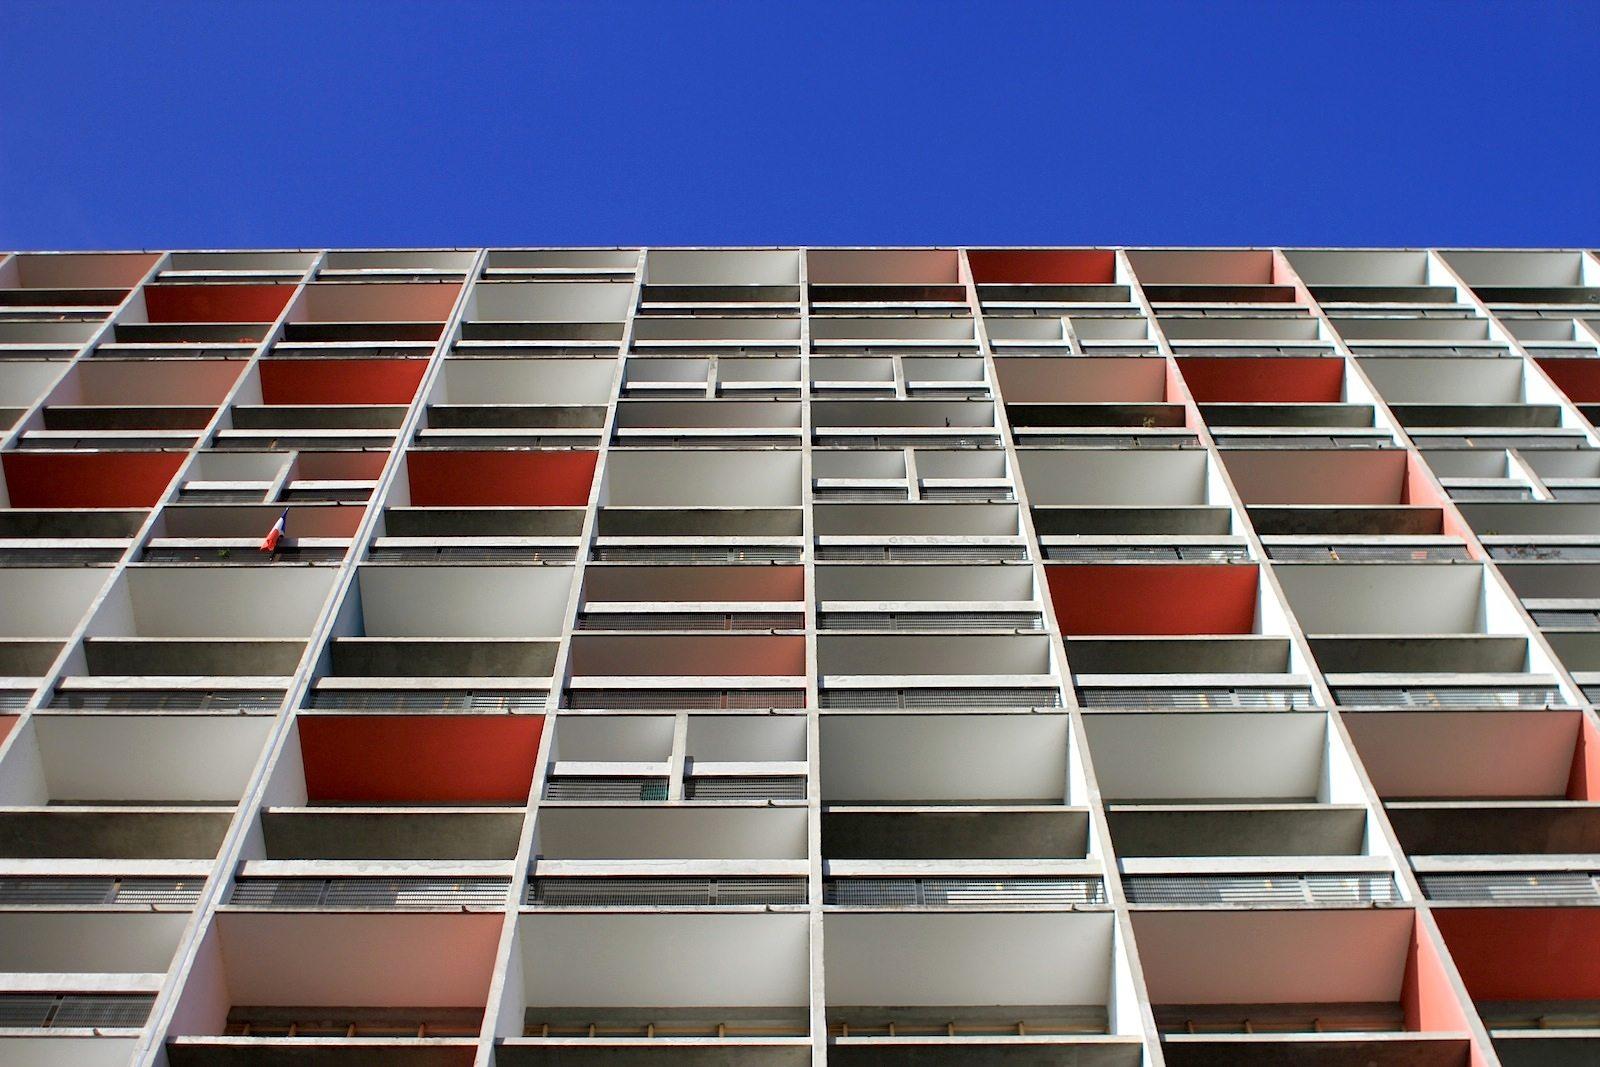 """Unité d'Habitation. """"Farbe ist… ein Auslöser starker Wirkungen. Farbe ist ein Faktor unserer Existenz."""" –Le Corbusier"""